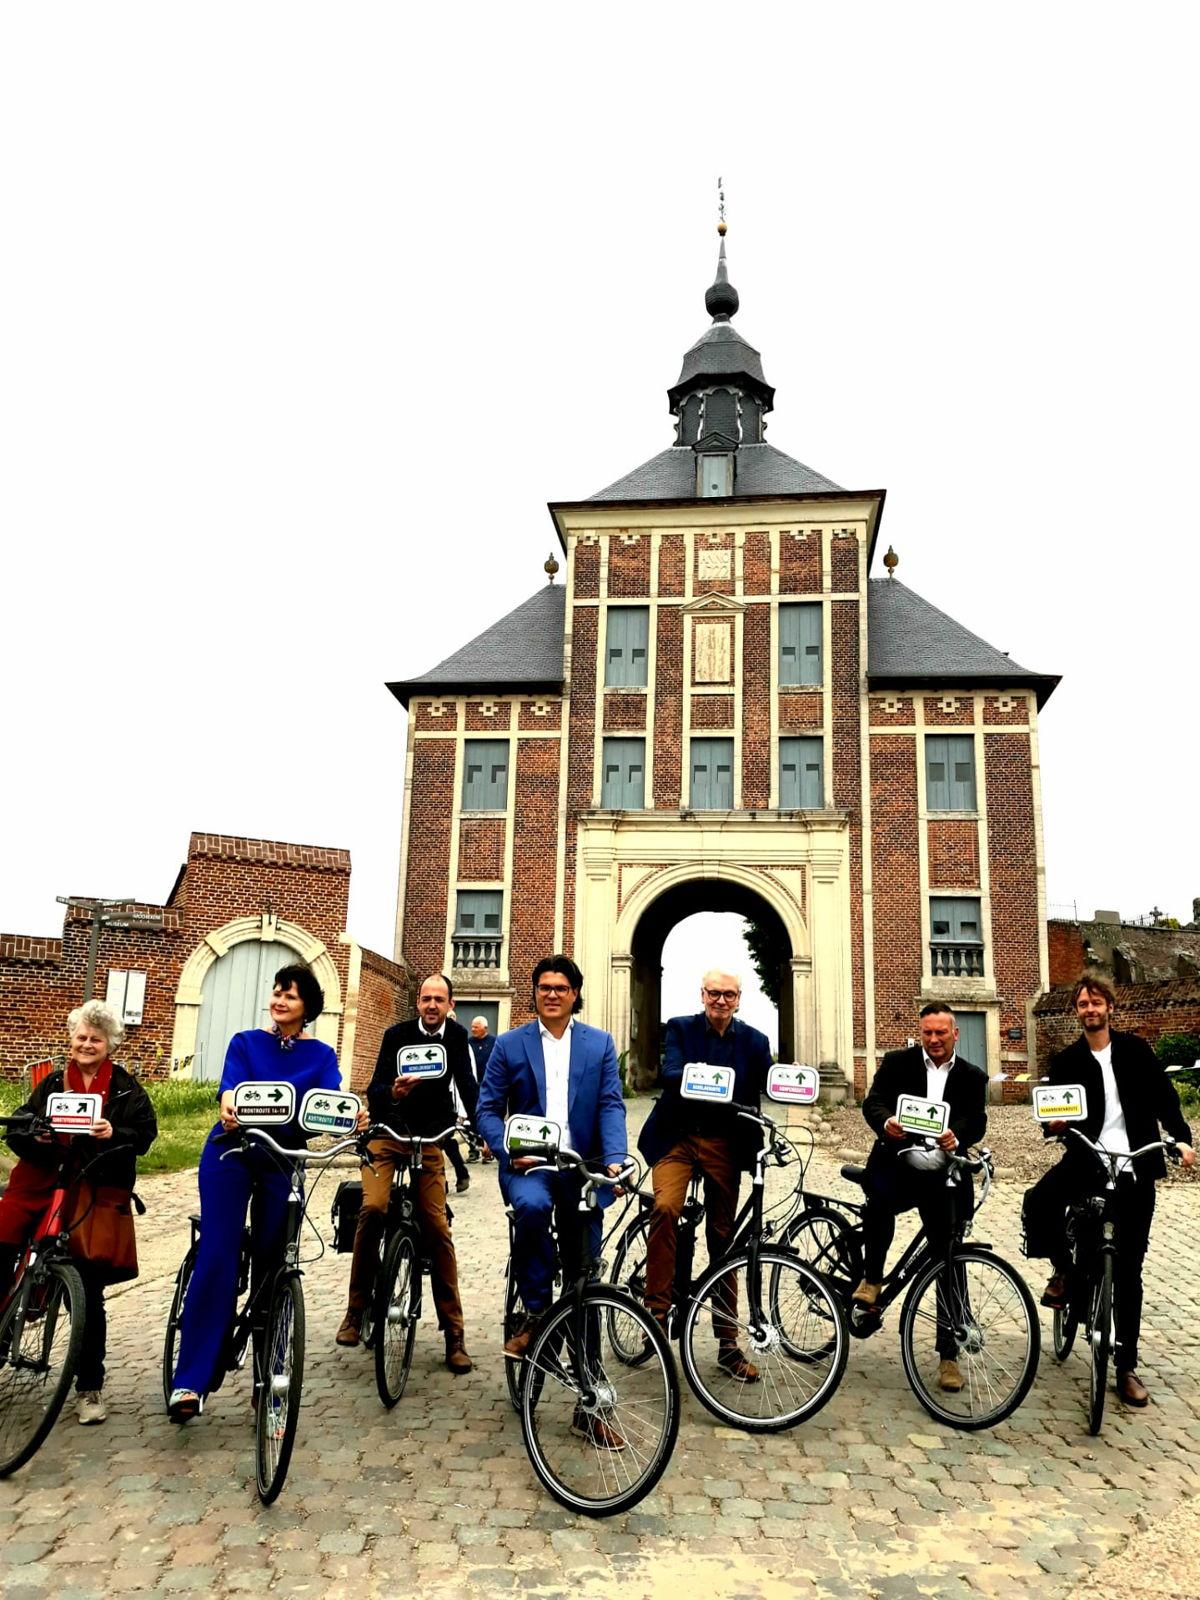 De laatste twee icoonroutes werden op 25 juni voorgesteld door Vlaanderen en de vijf Vlaamse provincies aan de Abdij van Park in Leuven